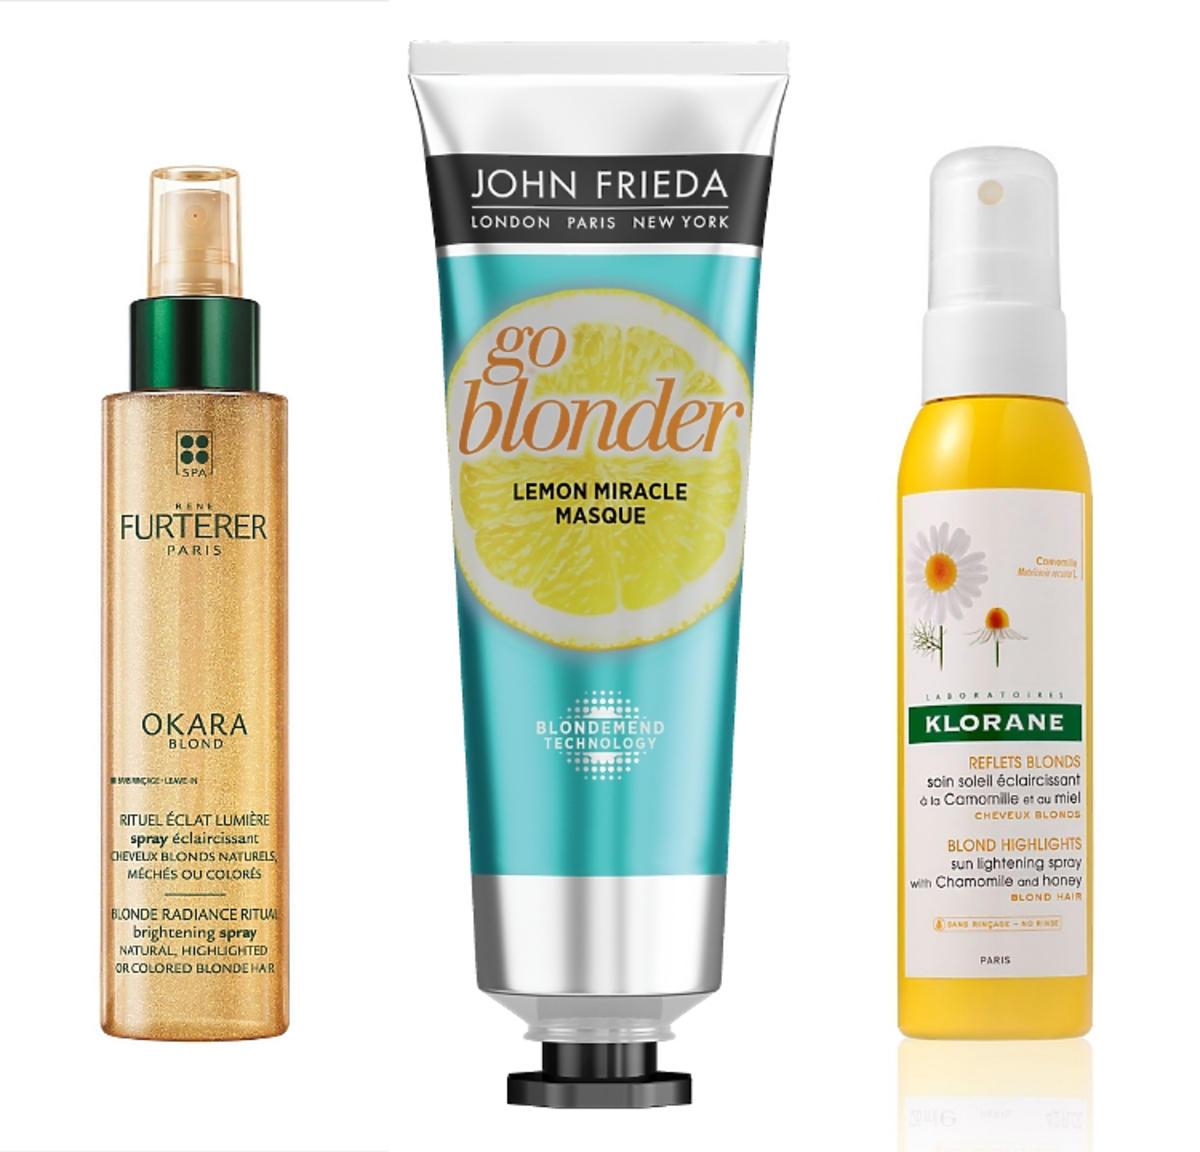 Kosmetyki rozjaśniające włosy blond: Rene Furterer, John Frieda, Klorane